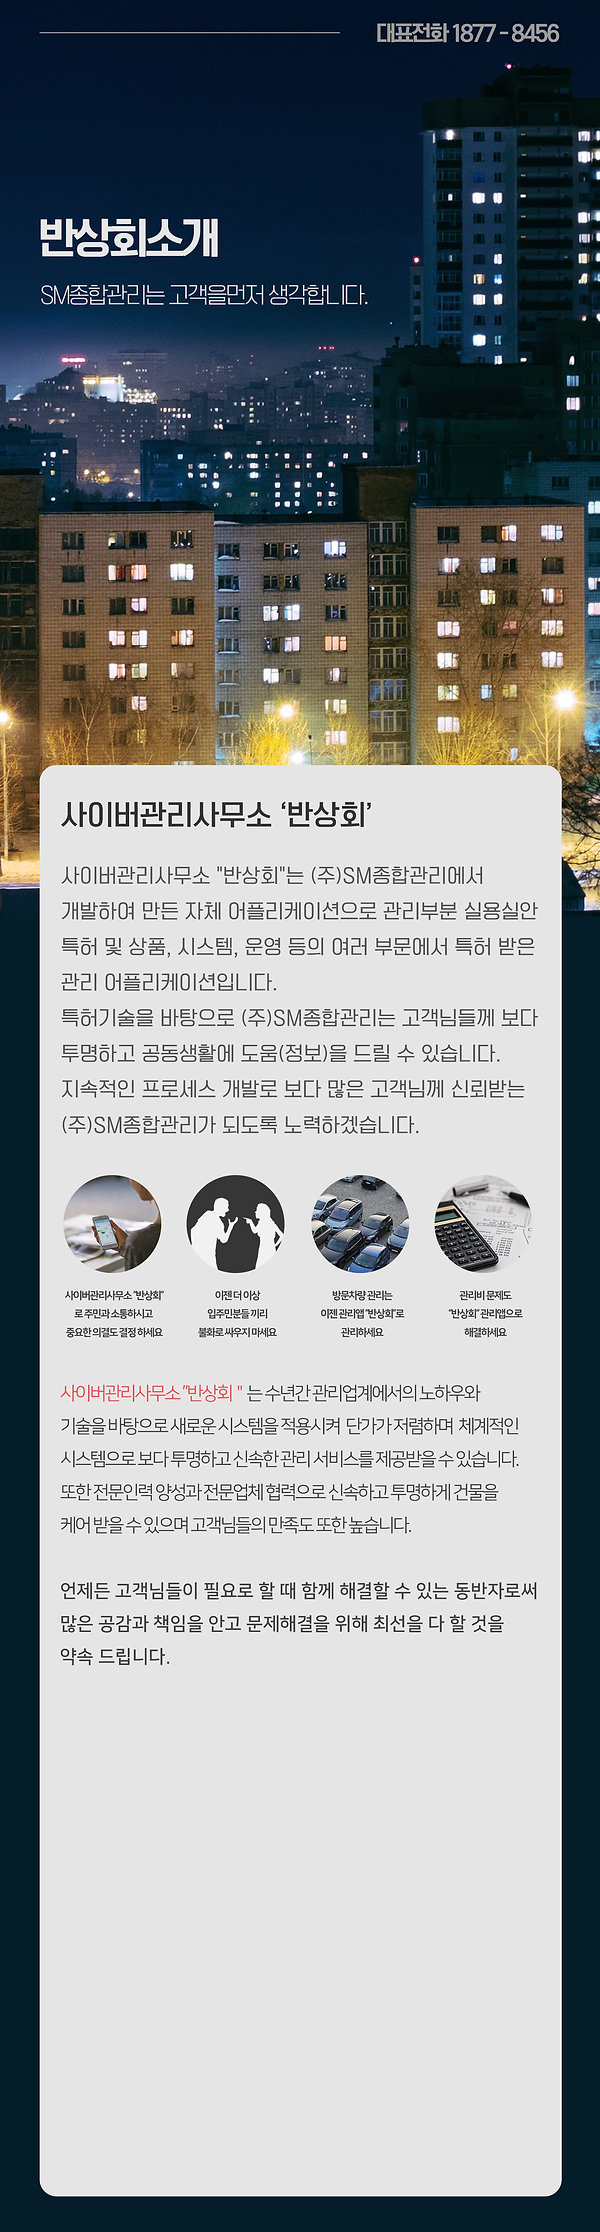 반상회소개.jpg